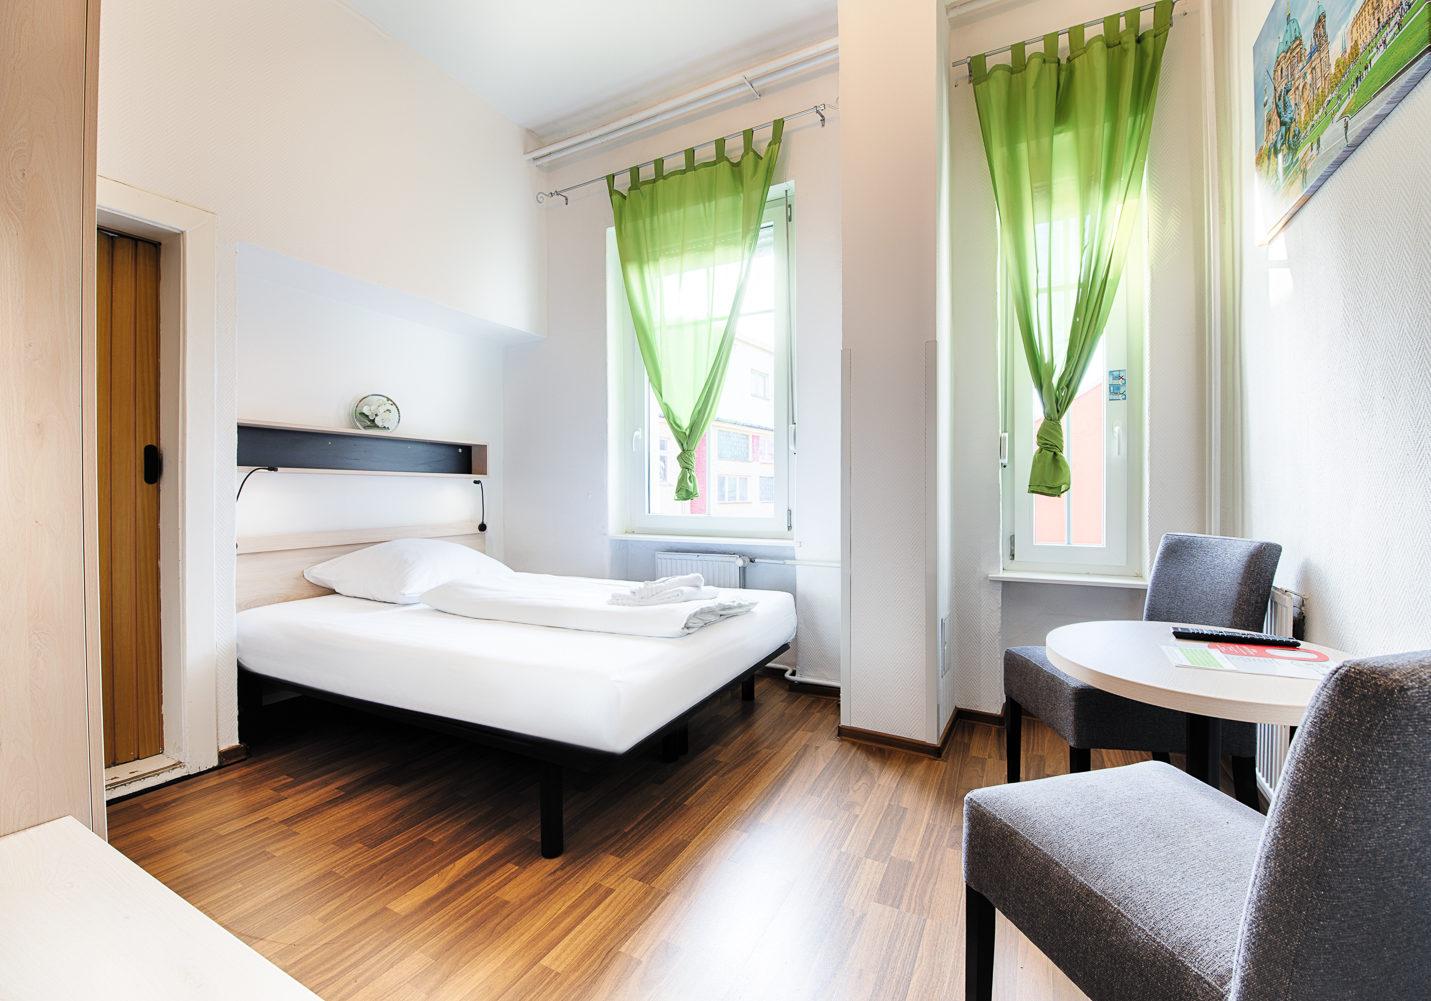 HOTEL_B1_A29_1BETT_1_klein